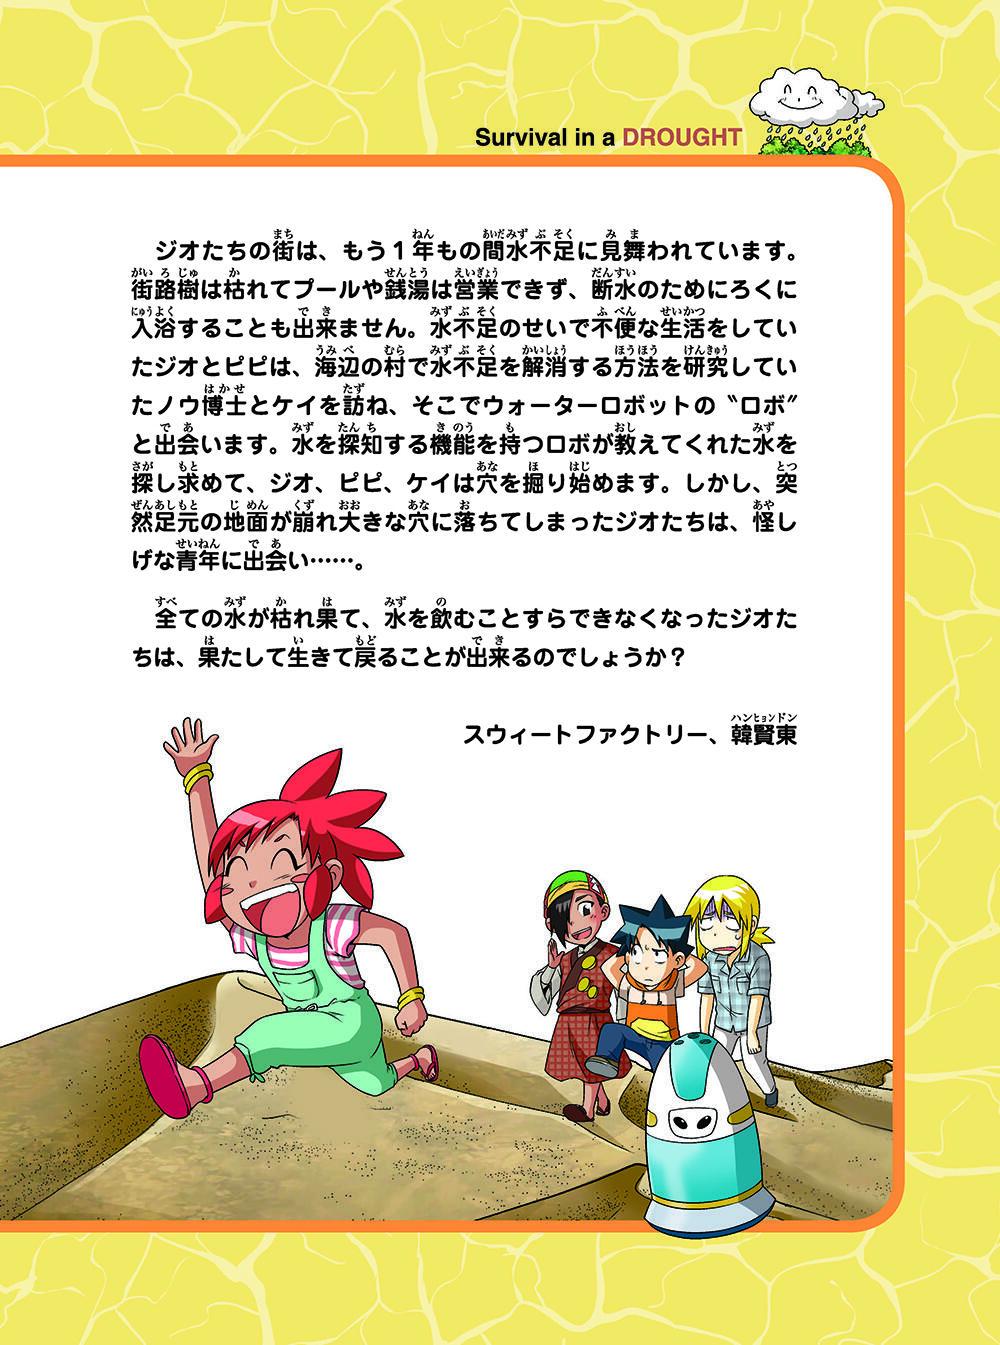 000・ソ001-009_繝倥z繝シ繧キ繧兩5.jpg